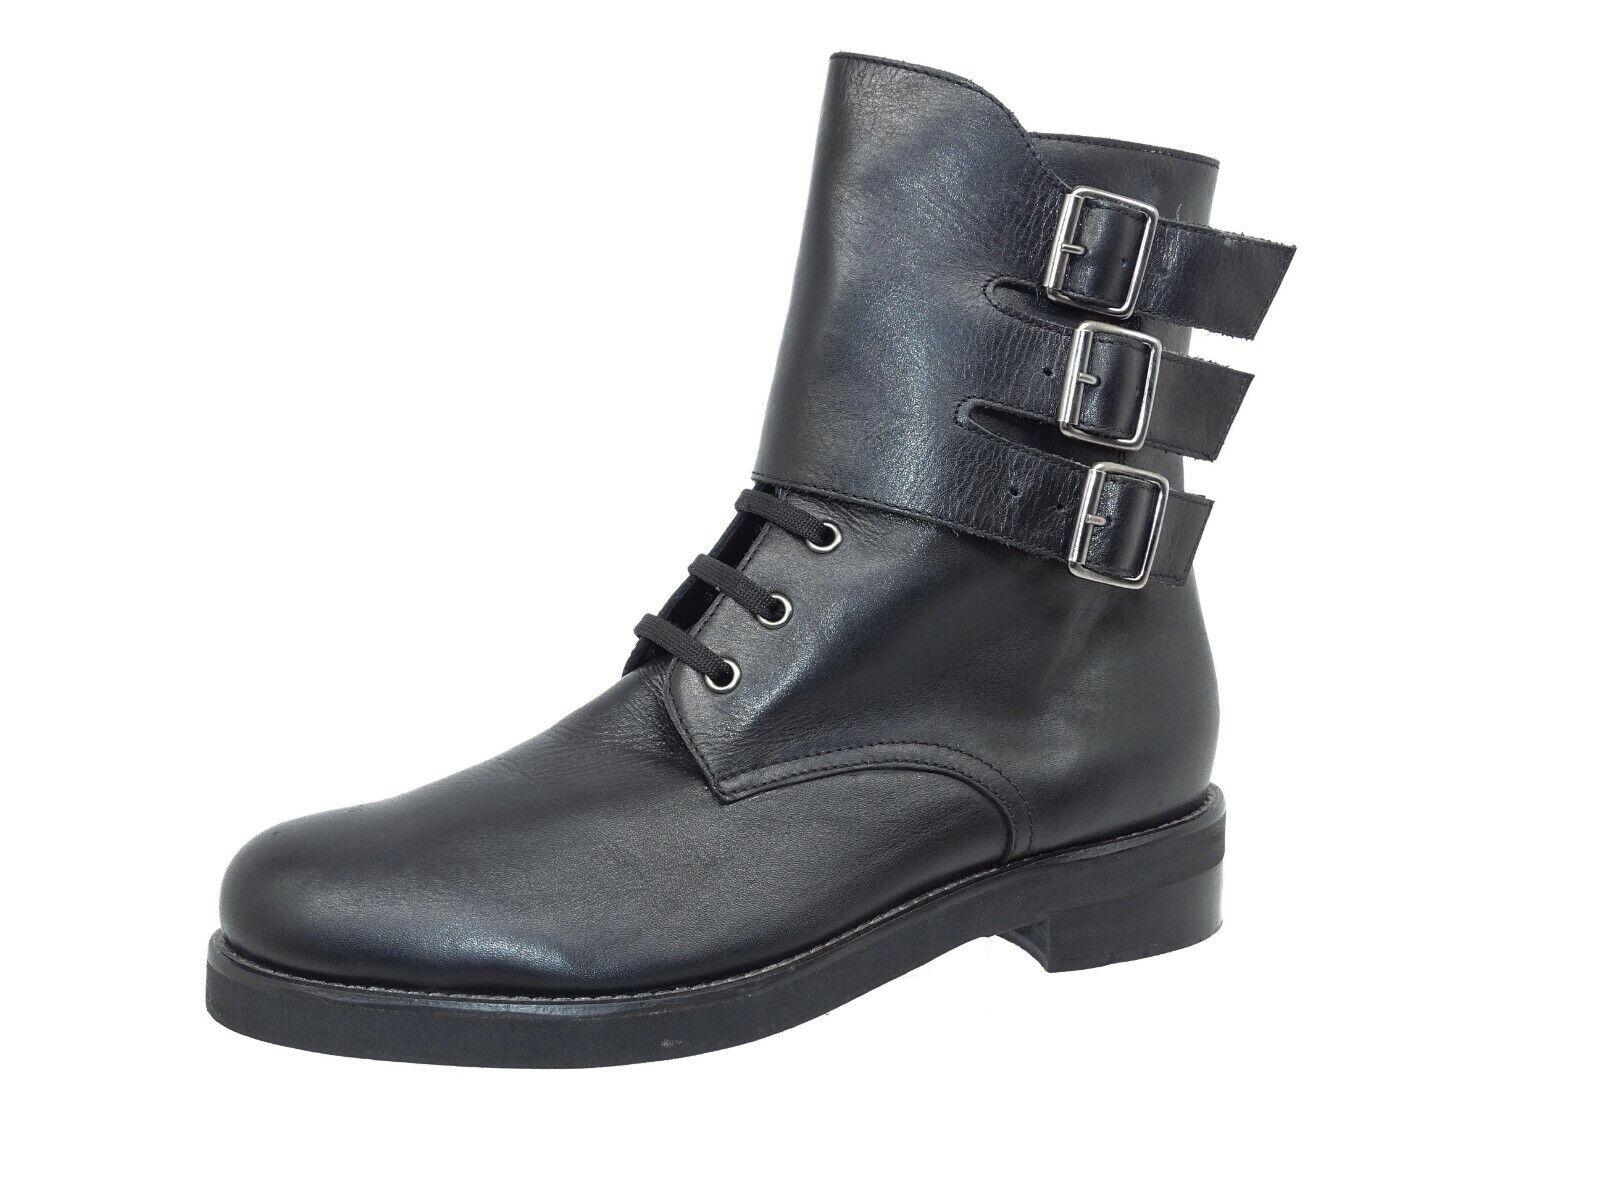 Versace 1969 Damen Schuhe Stiefel Stiefel Stiefeletten Used Look Gr 41 Echtleder